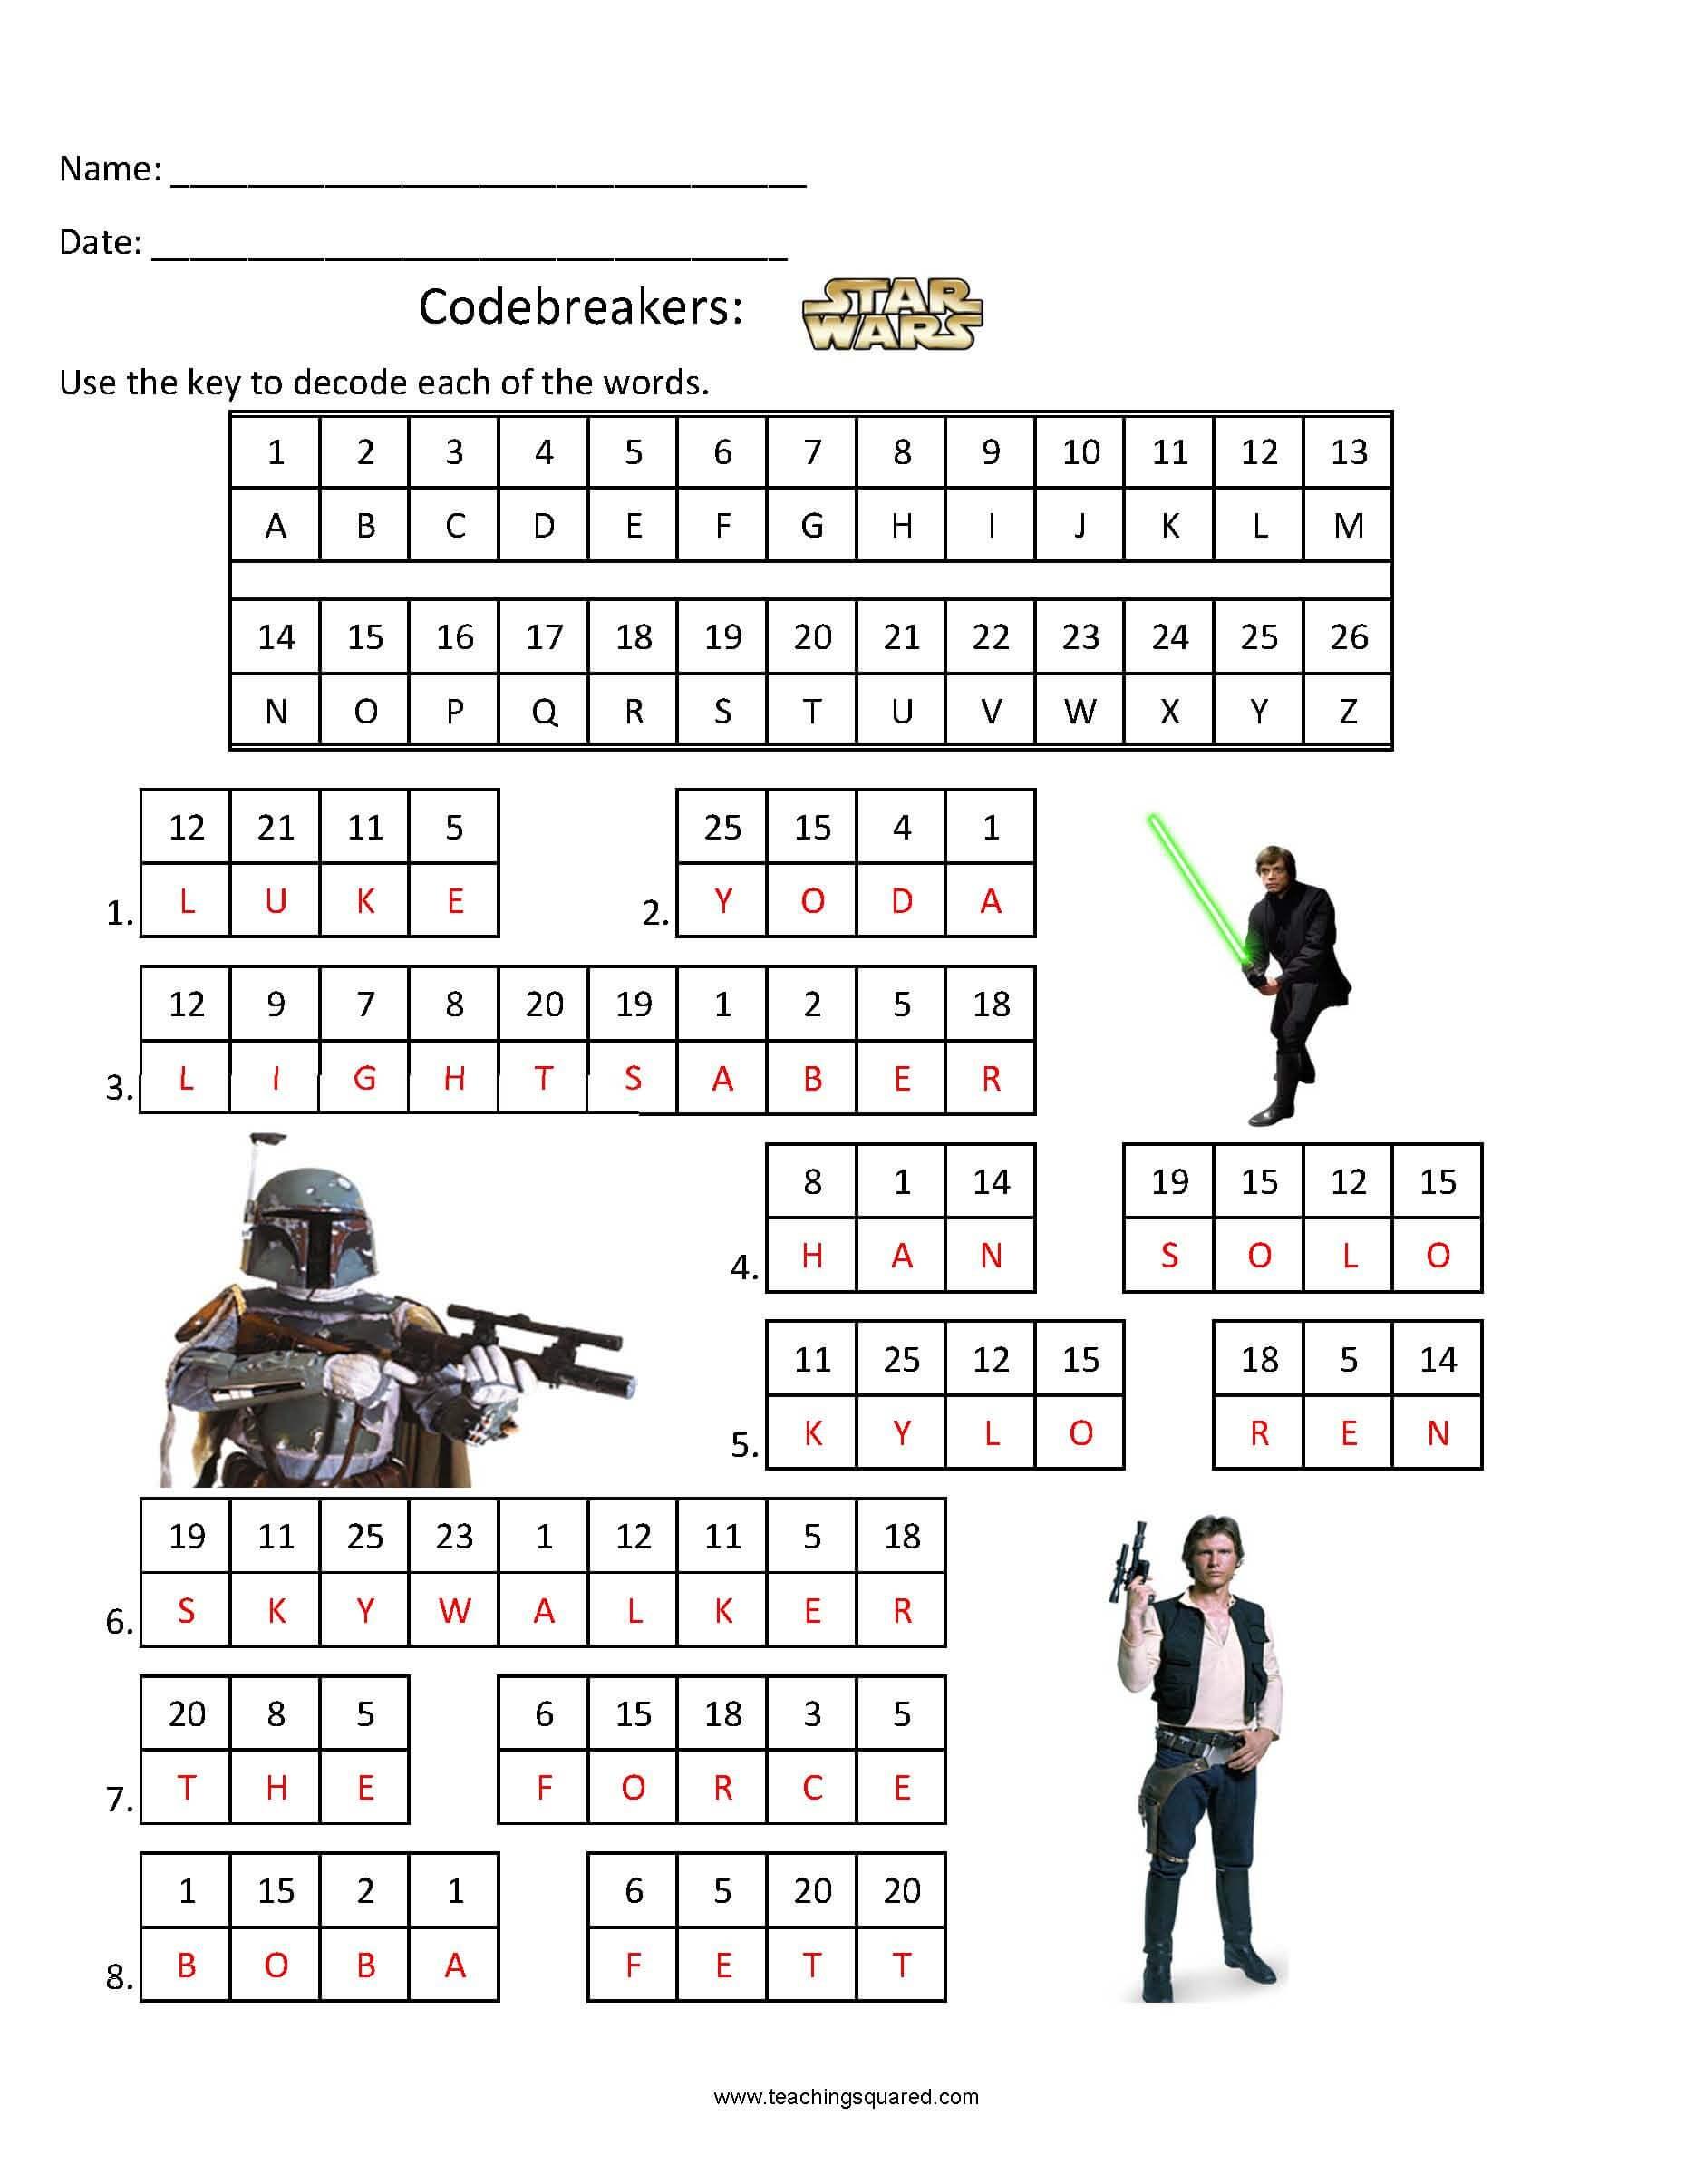 Codebreakers- Star Wars 1 - Teaching Squared